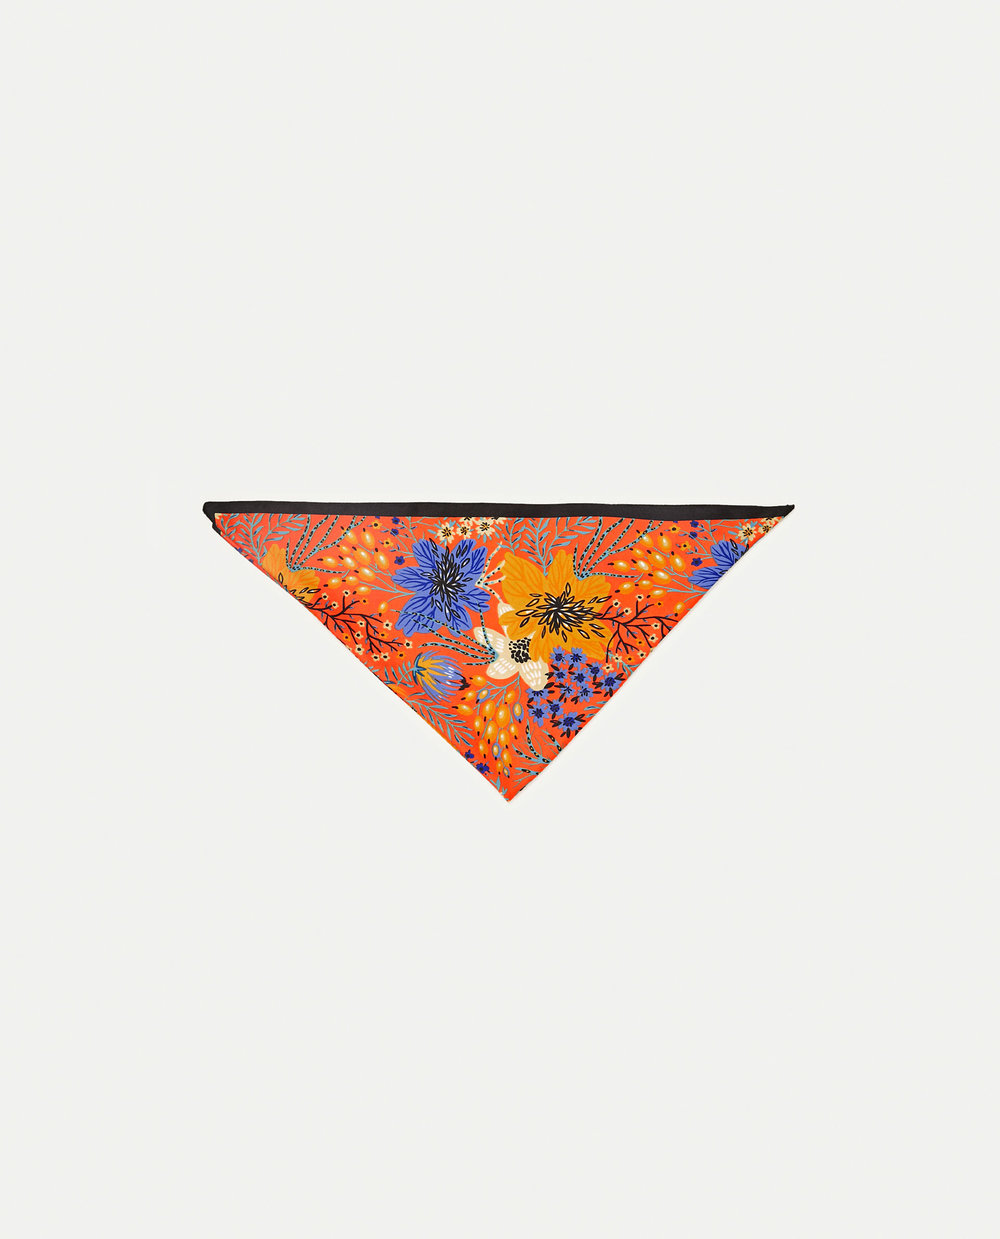 Lenço com padrão floral, 7,95€, Zara